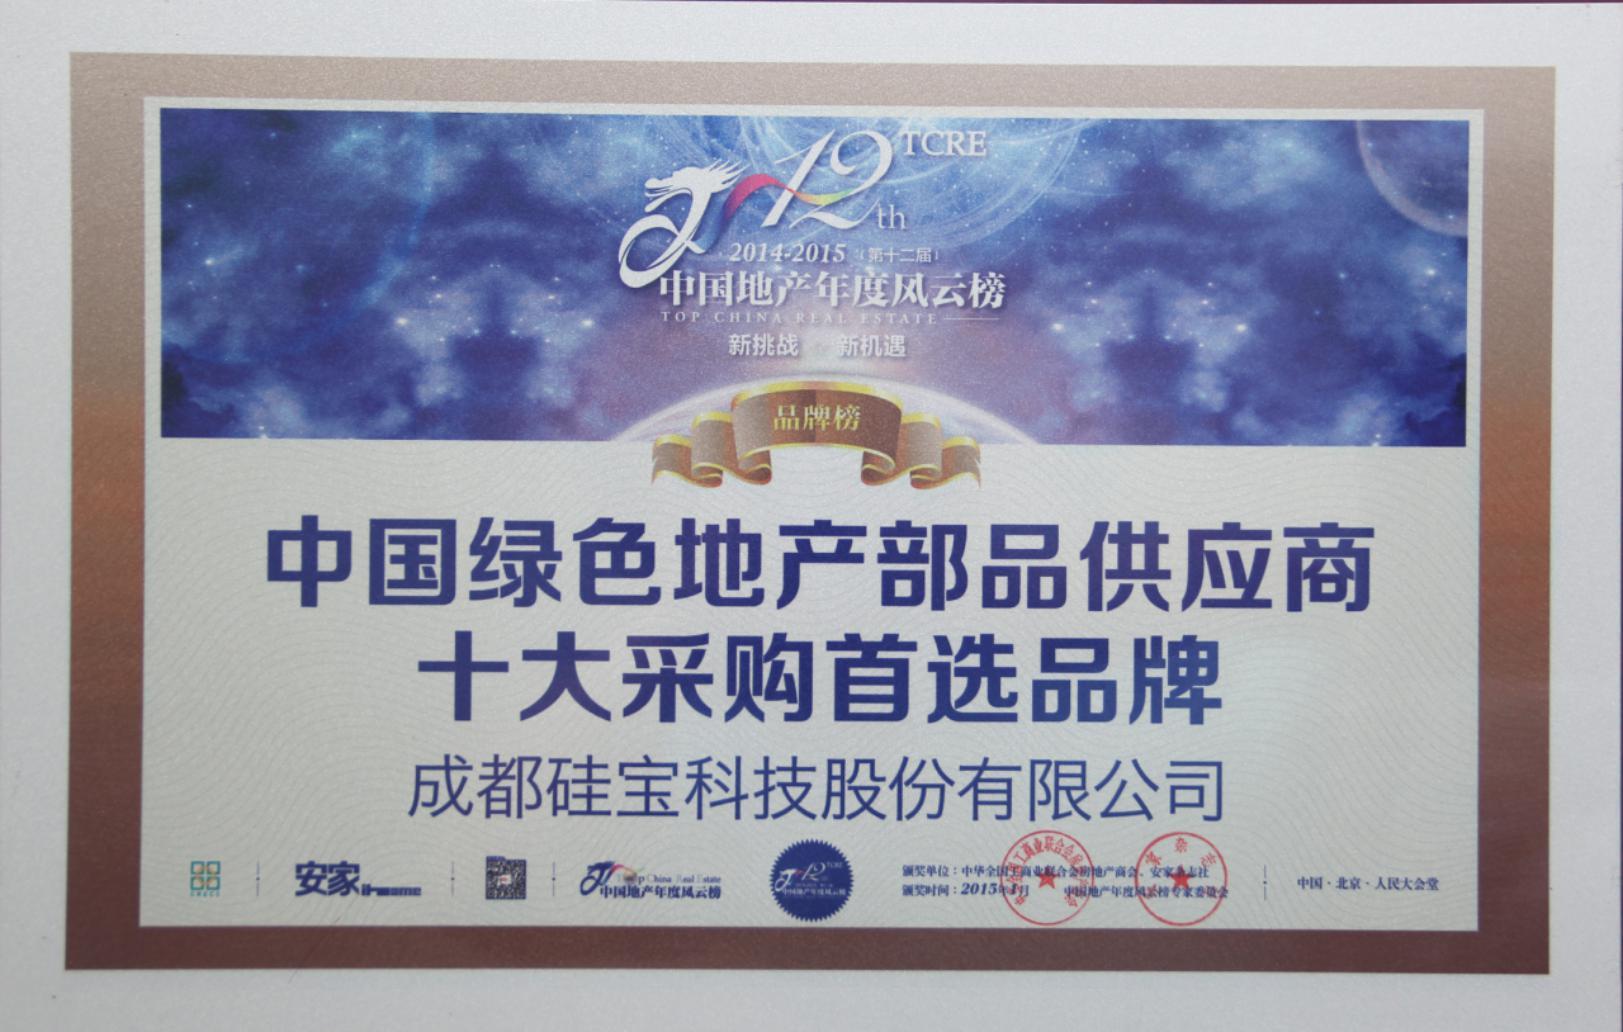 中国地产风云榜上榜品牌绿色地产十大采购首选品牌.jpg